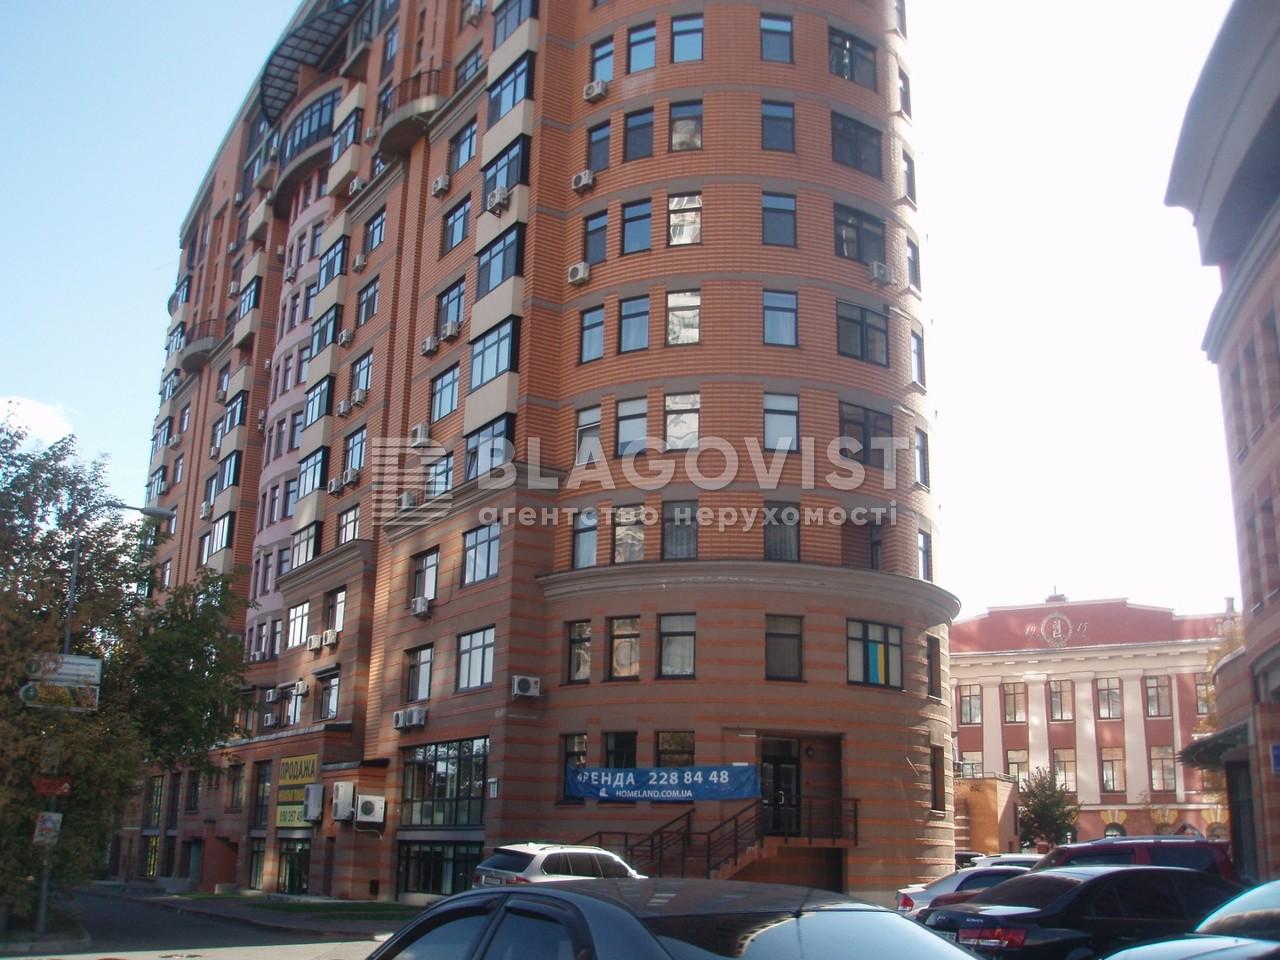 Квартира D-19518, Лесі Українки бул., 23а, Київ - Фото 1